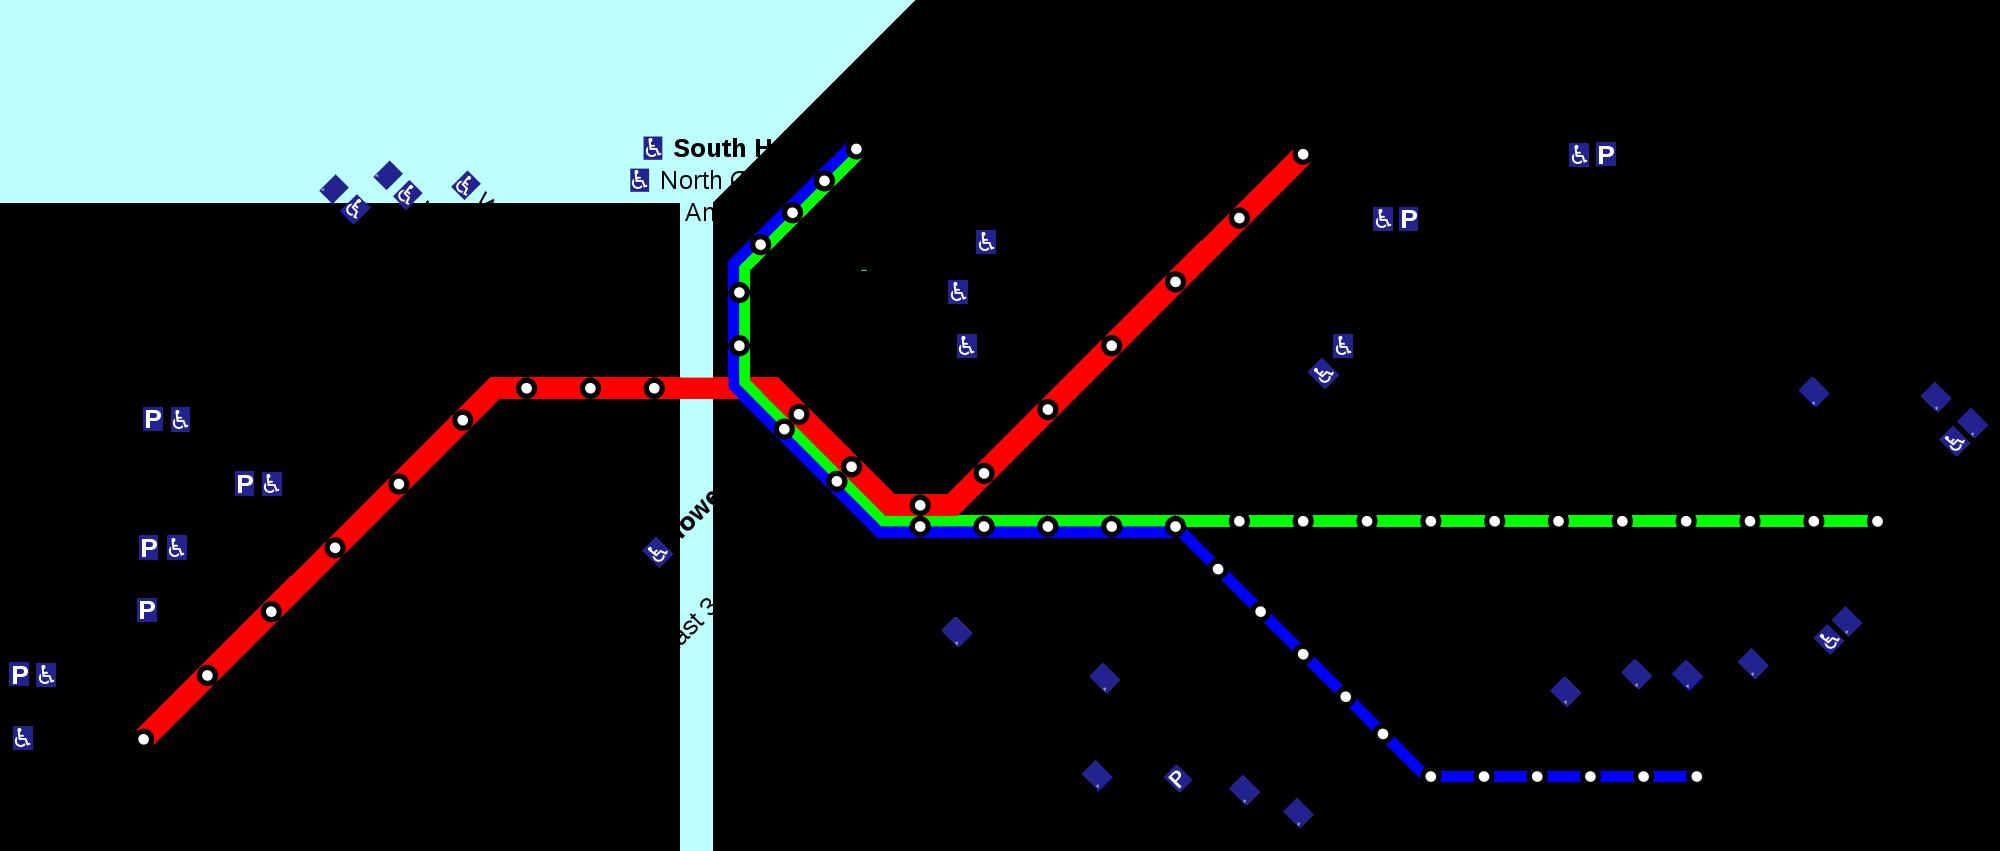 Cleveland Rta Map Rapid Transit: Cleveland metro map, United States